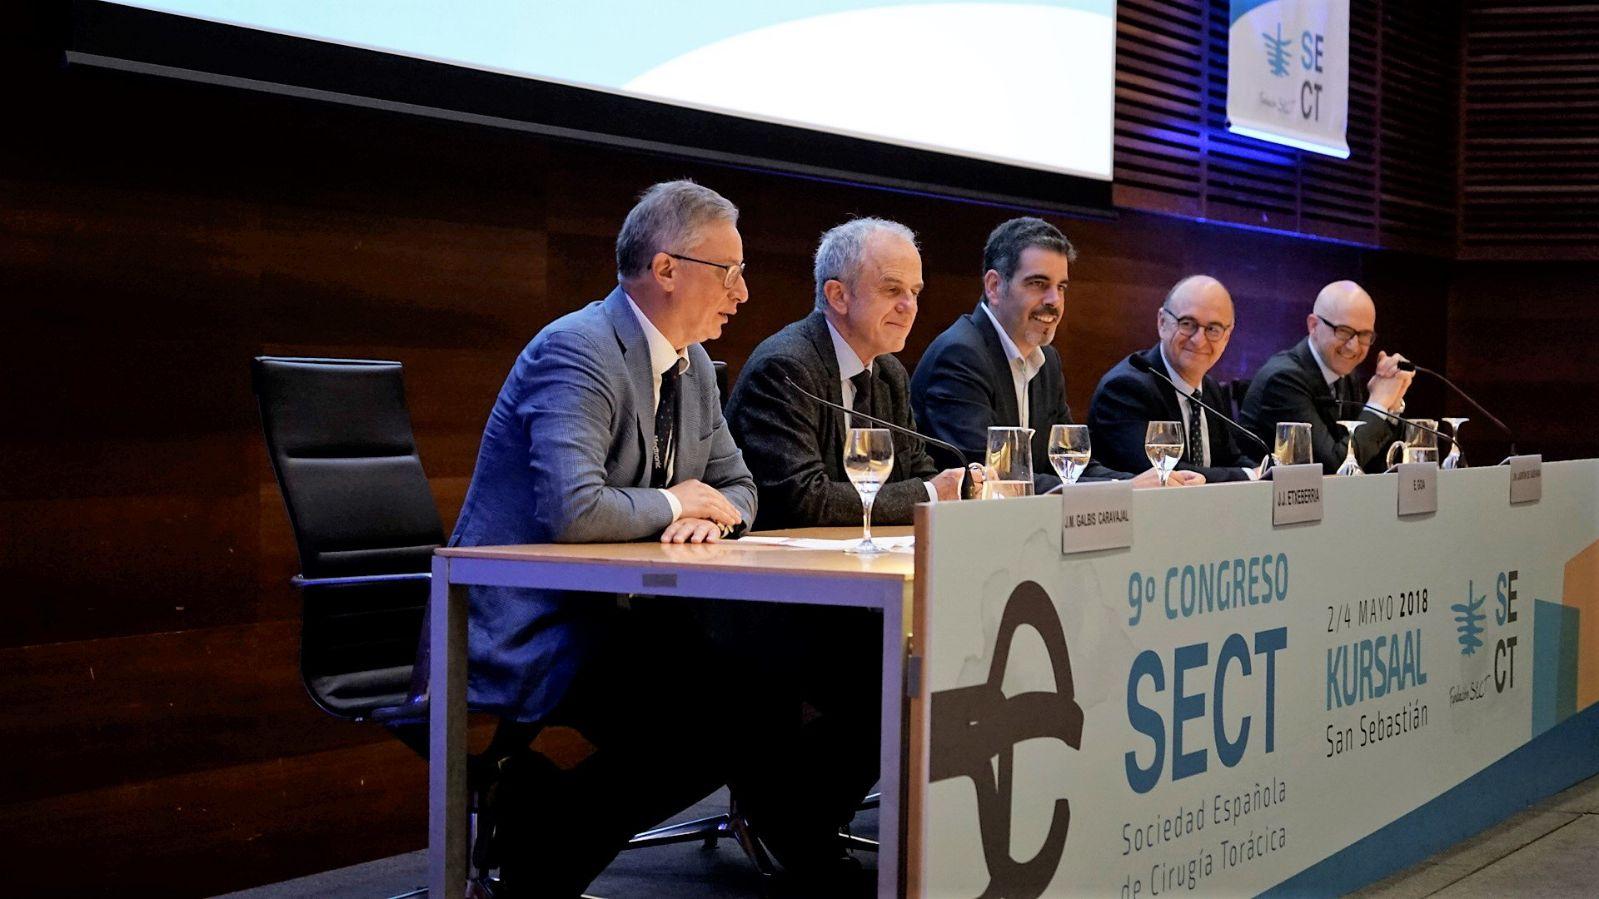 El doctor Galbis ha participado en el 9 congreso de la Sociedad Española de Cirugía Torácica celebrado del 2 al 4 de mayo en San Sebastián